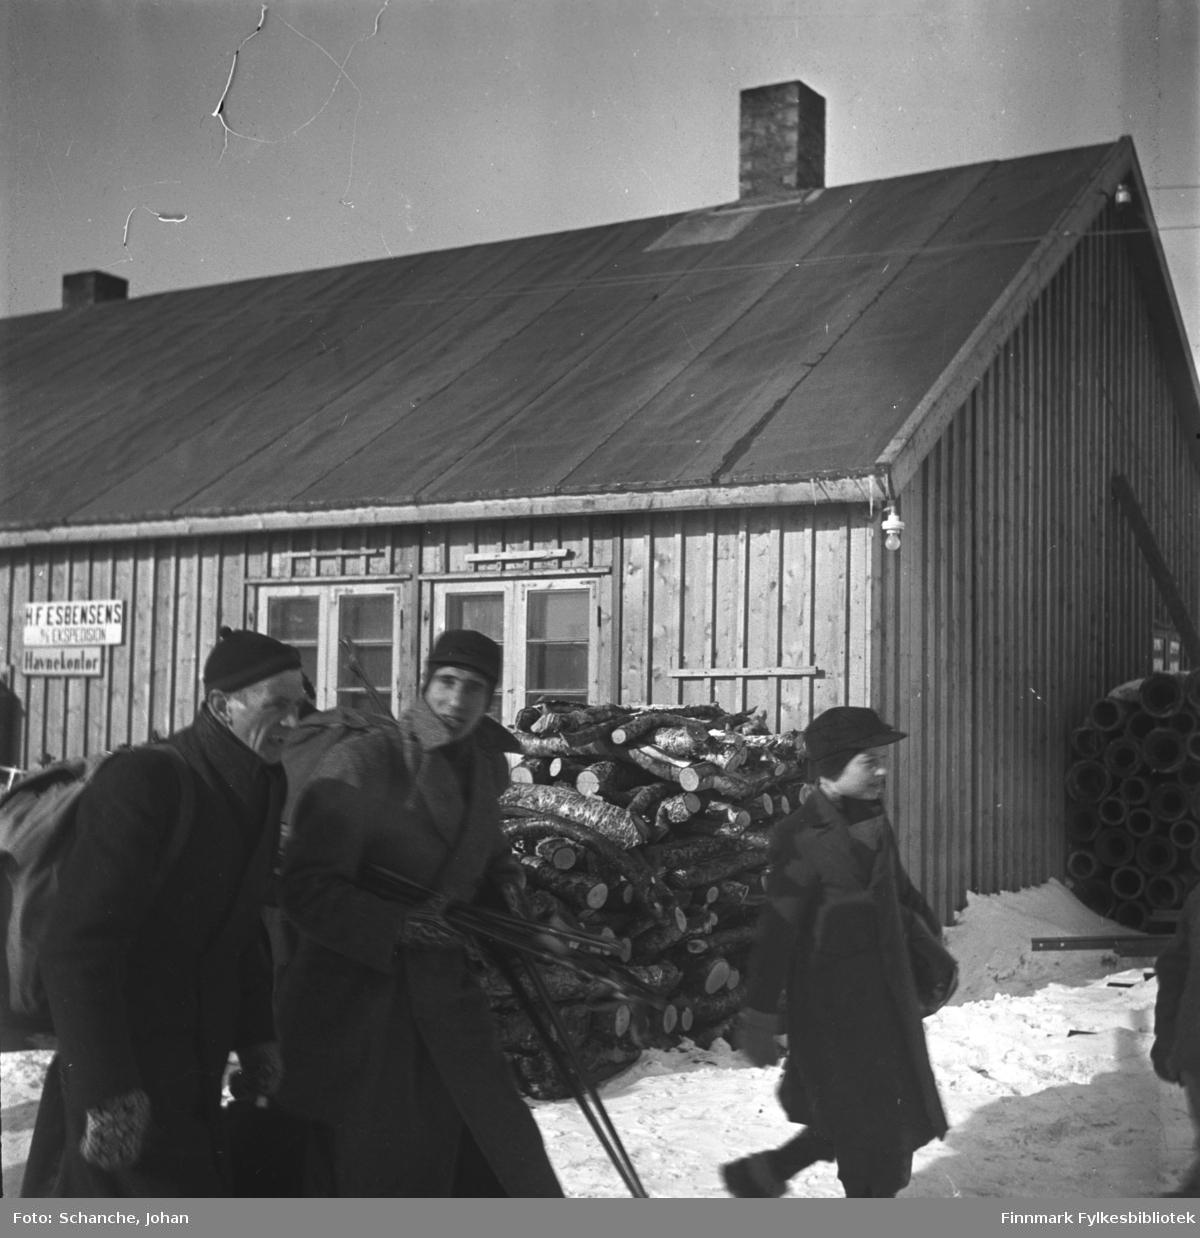 Olav Økern og truppsleder Nordli ankommer til Vadsø for å delta i kretsrennet. Mars 1946. Olav Økern har ryggsekk på seg. Begge er kledt i lange frakker. En gutt går foran dem i lue og frakk. Bak ser vi en bygning. Det er to skilt på veggen. 'HF Esbensen' står det på det ene, 'H....kontor' på det andre.